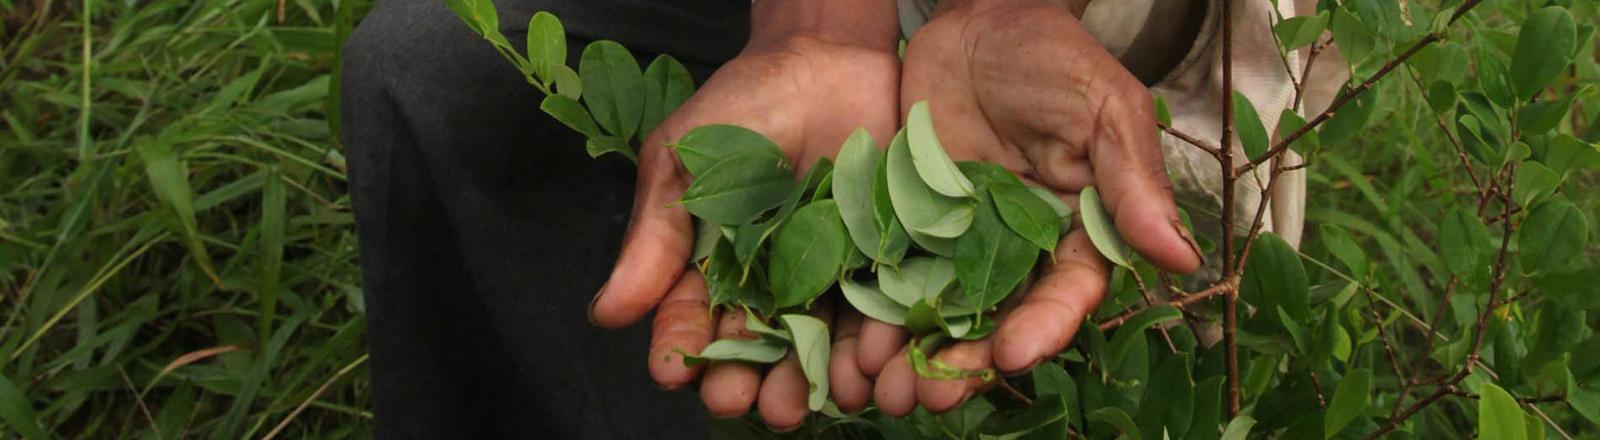 Zwei Hände, in denen Koka-Blätter liegen.